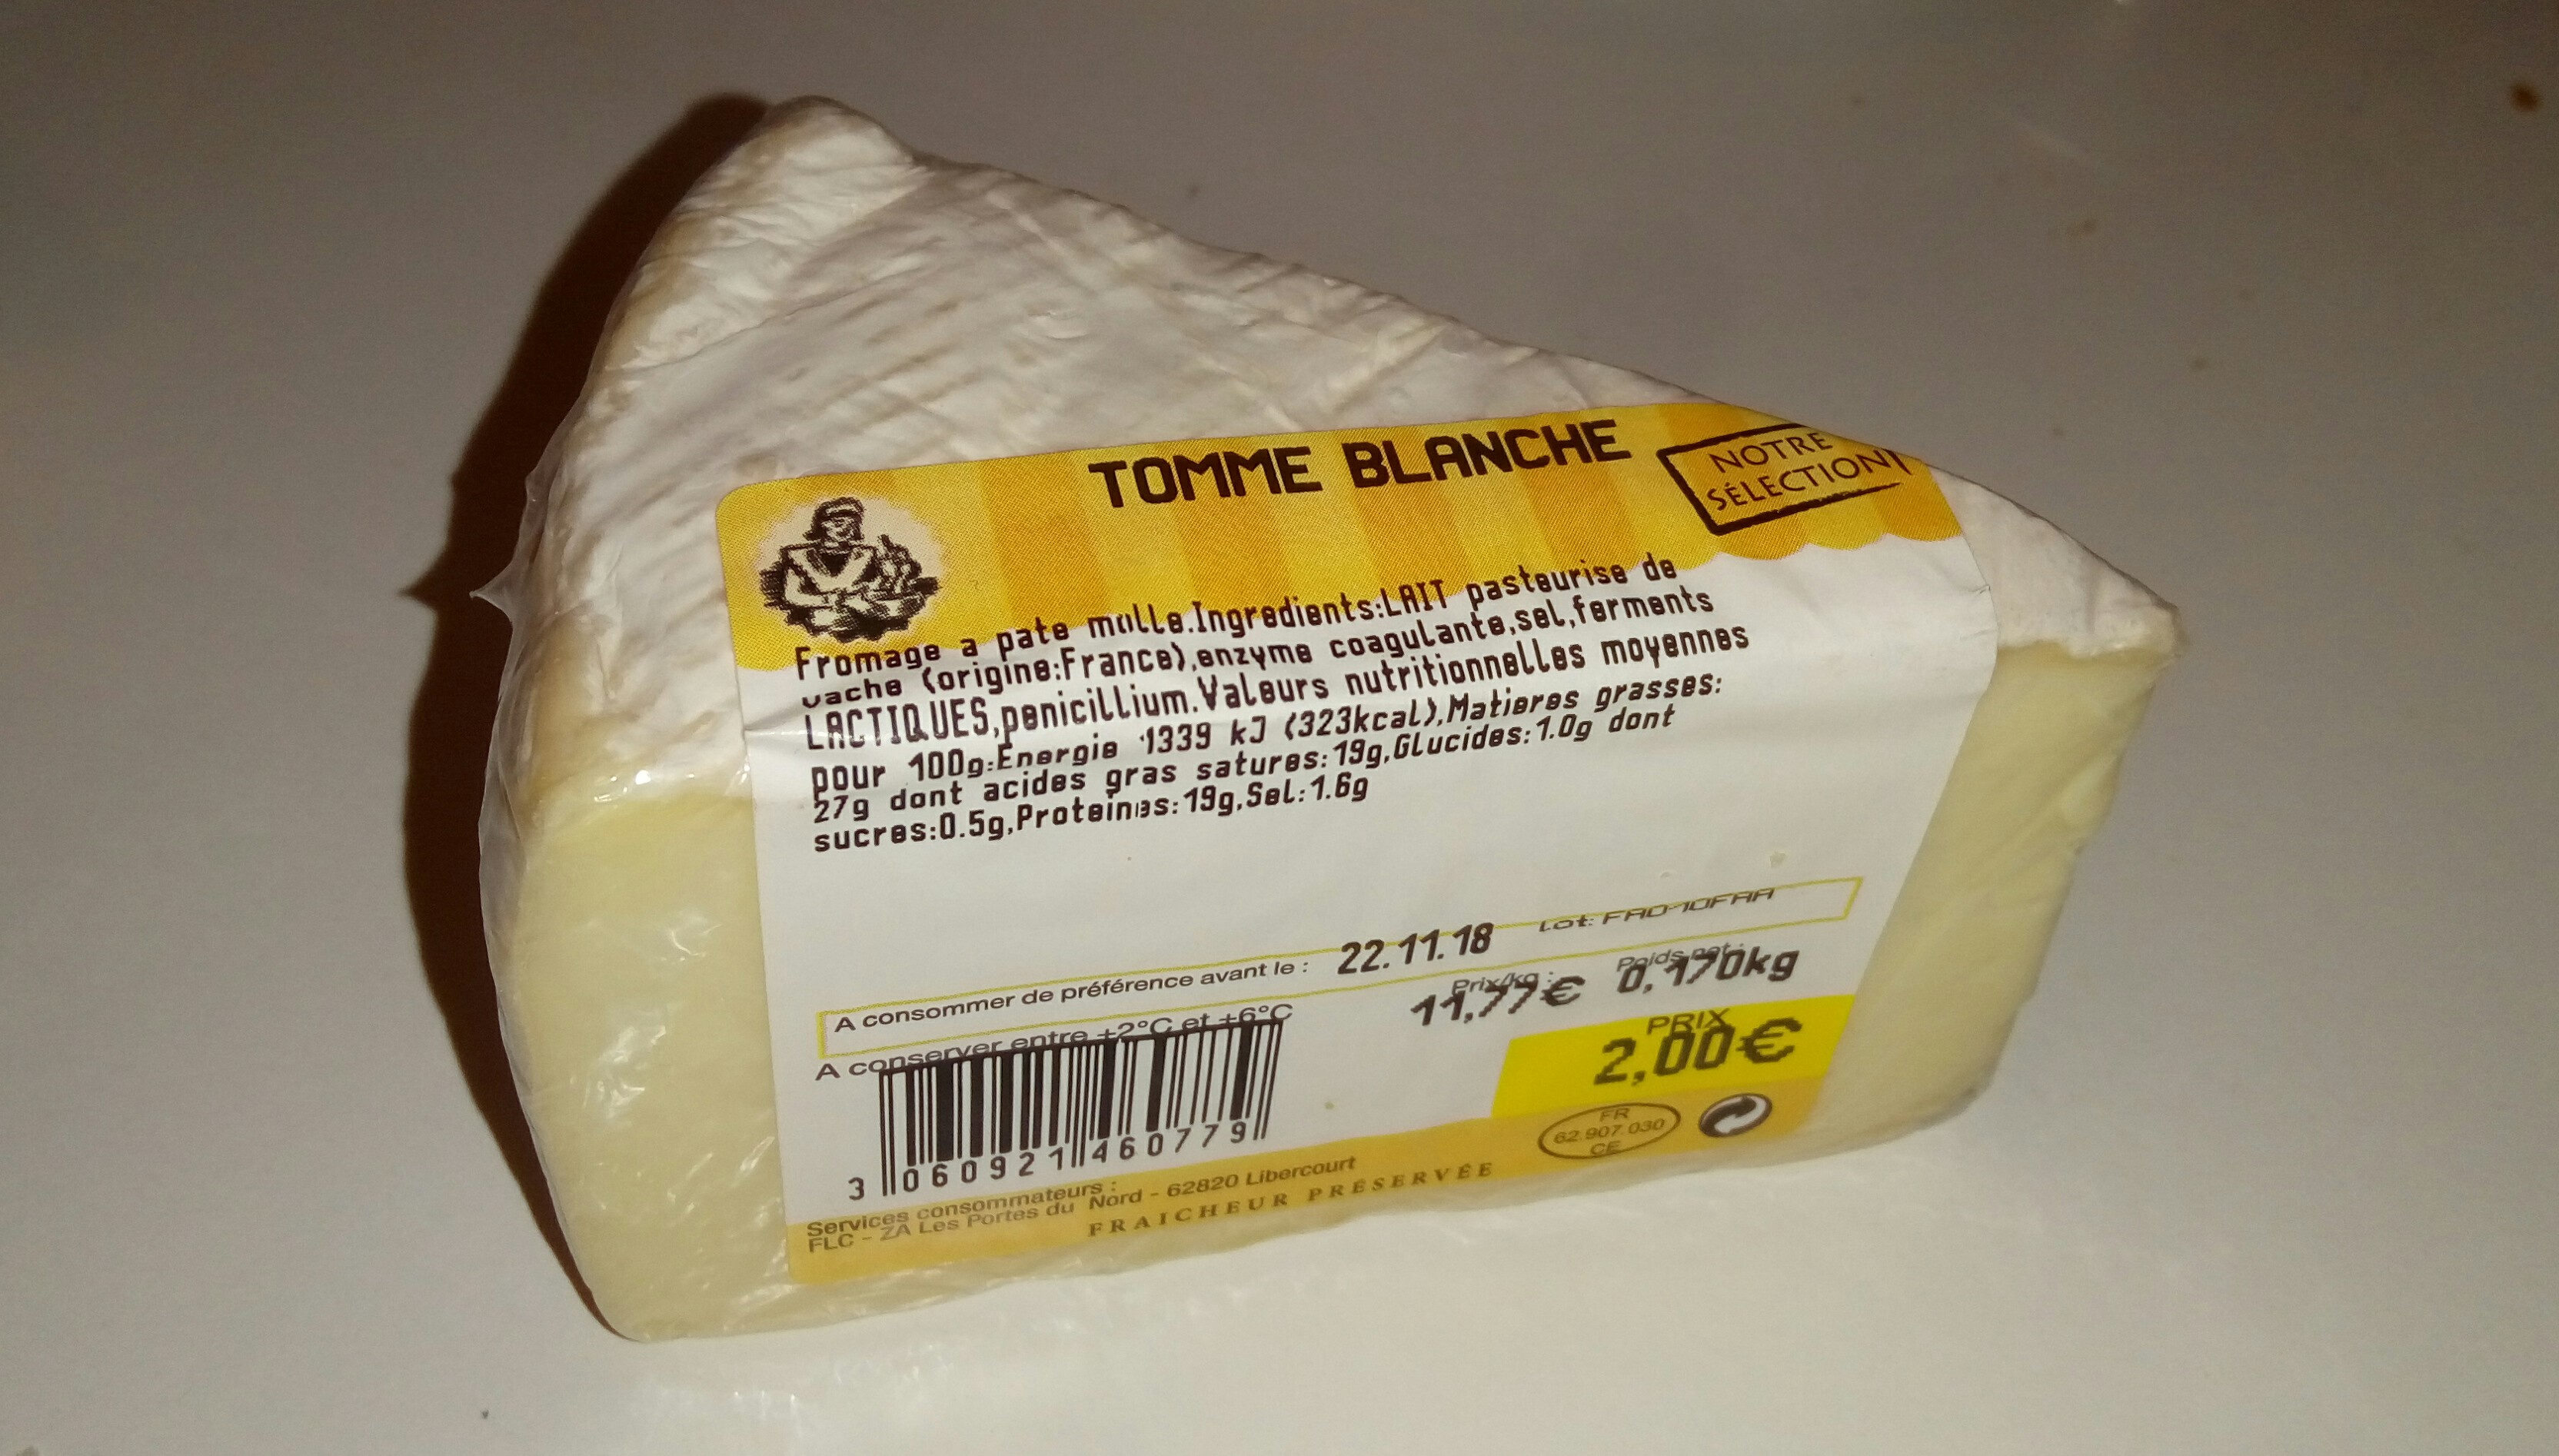 Tomme blanche 2 euros - Produit - fr